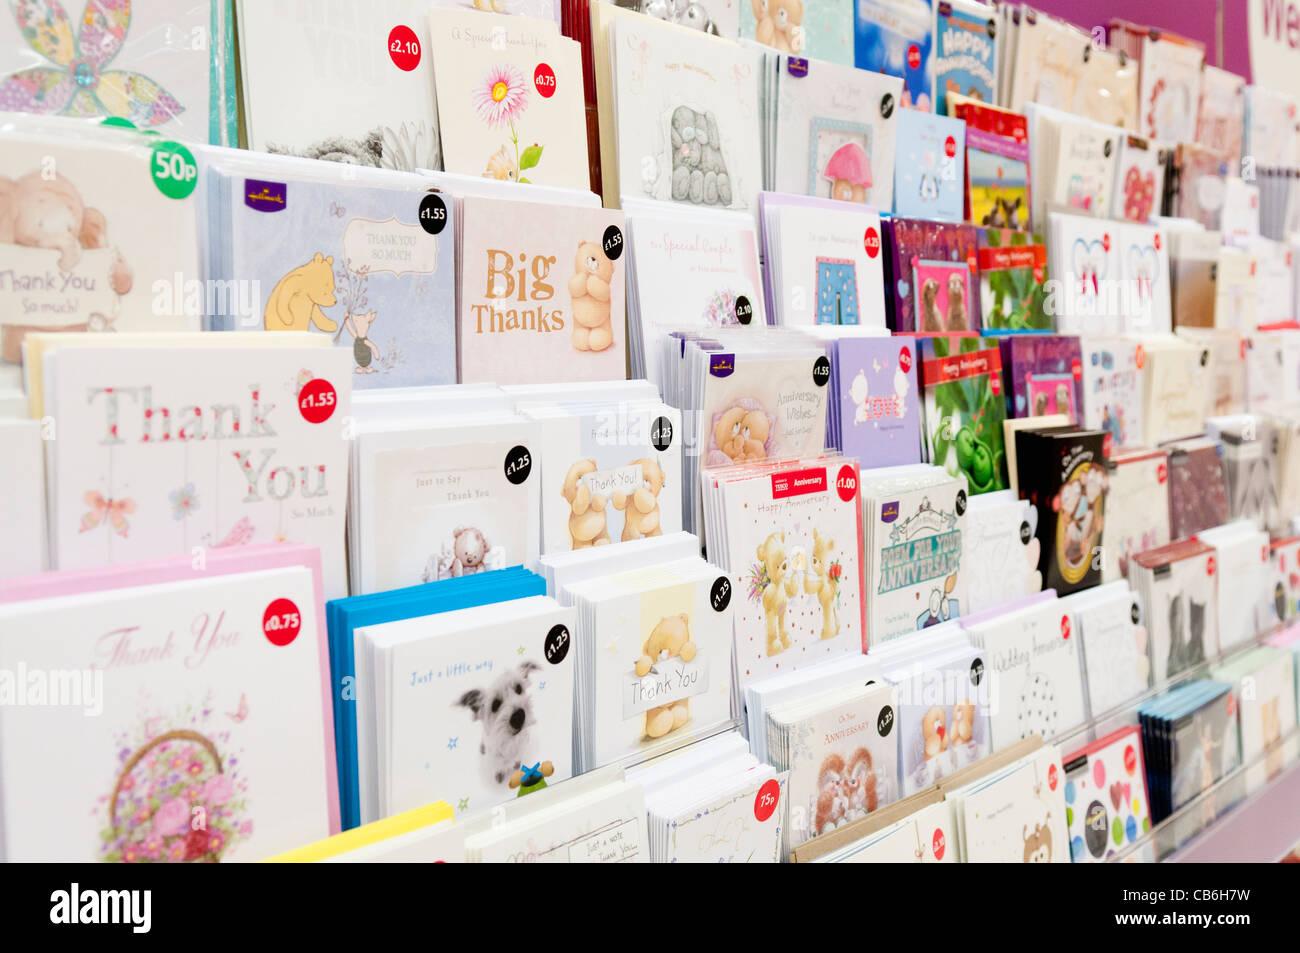 thankyou cards stock photos thankyou cards stock images alamy